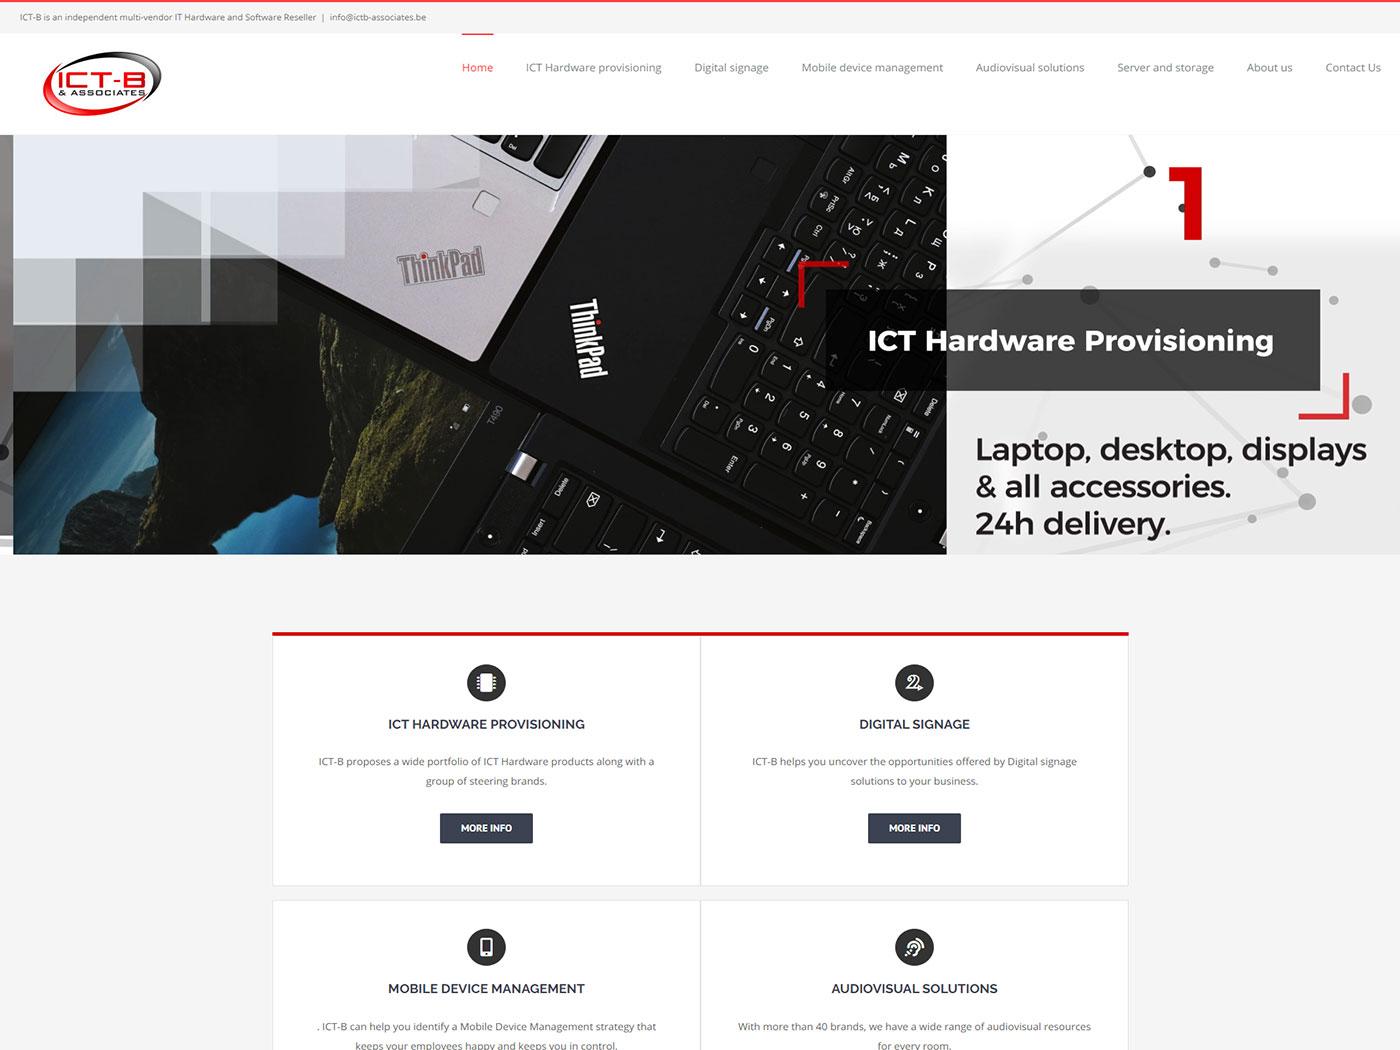 ICT-B